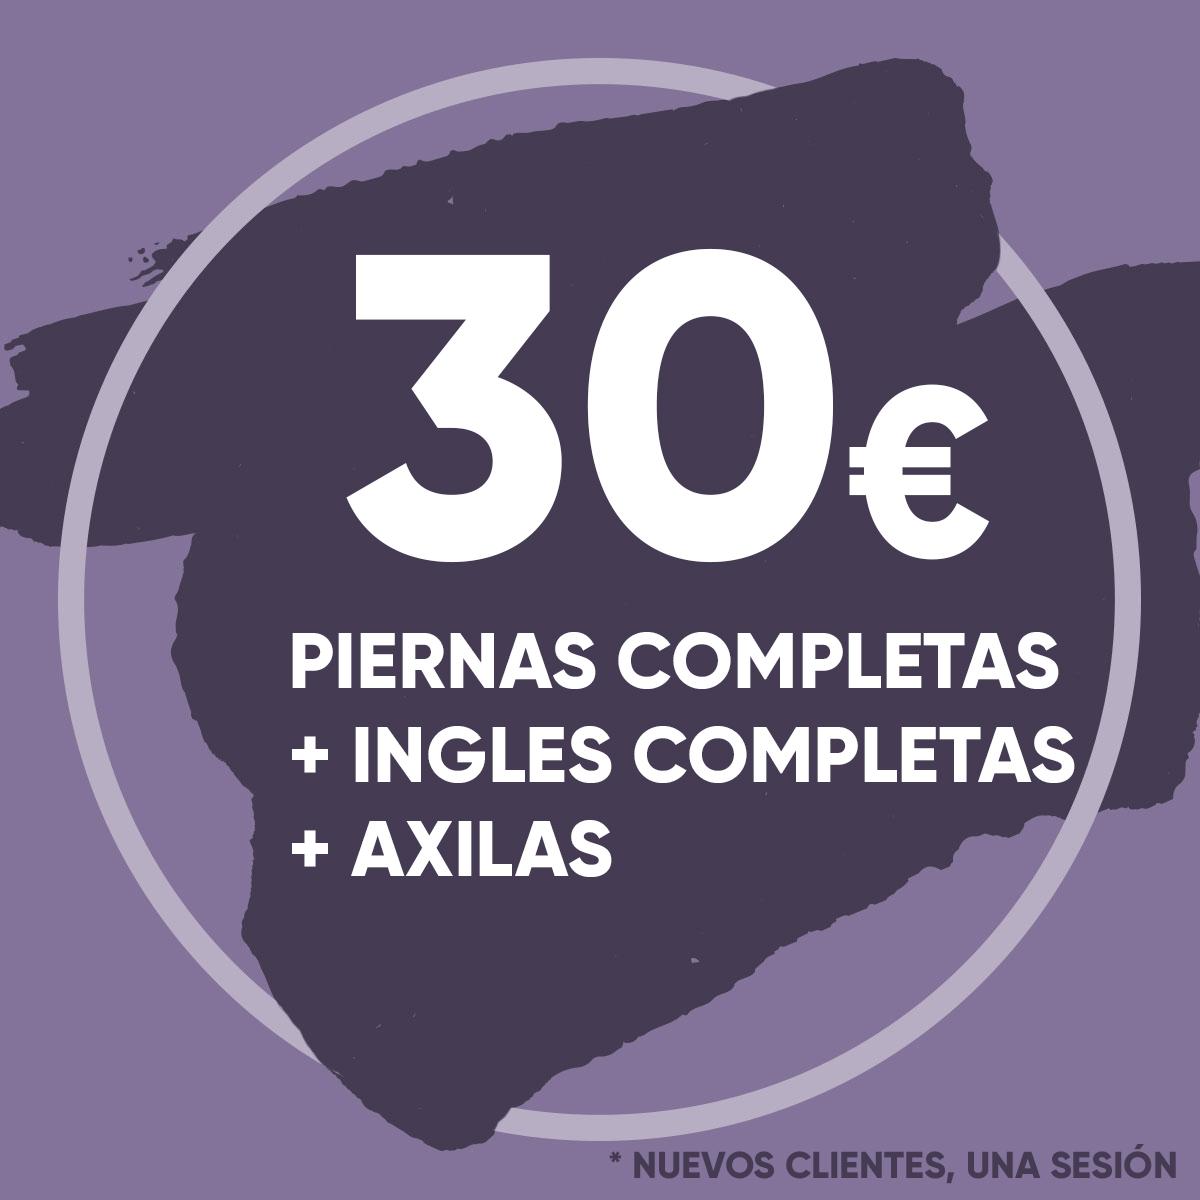 Depilación Láser Piernas Completas, Ingles Completas y Axilas